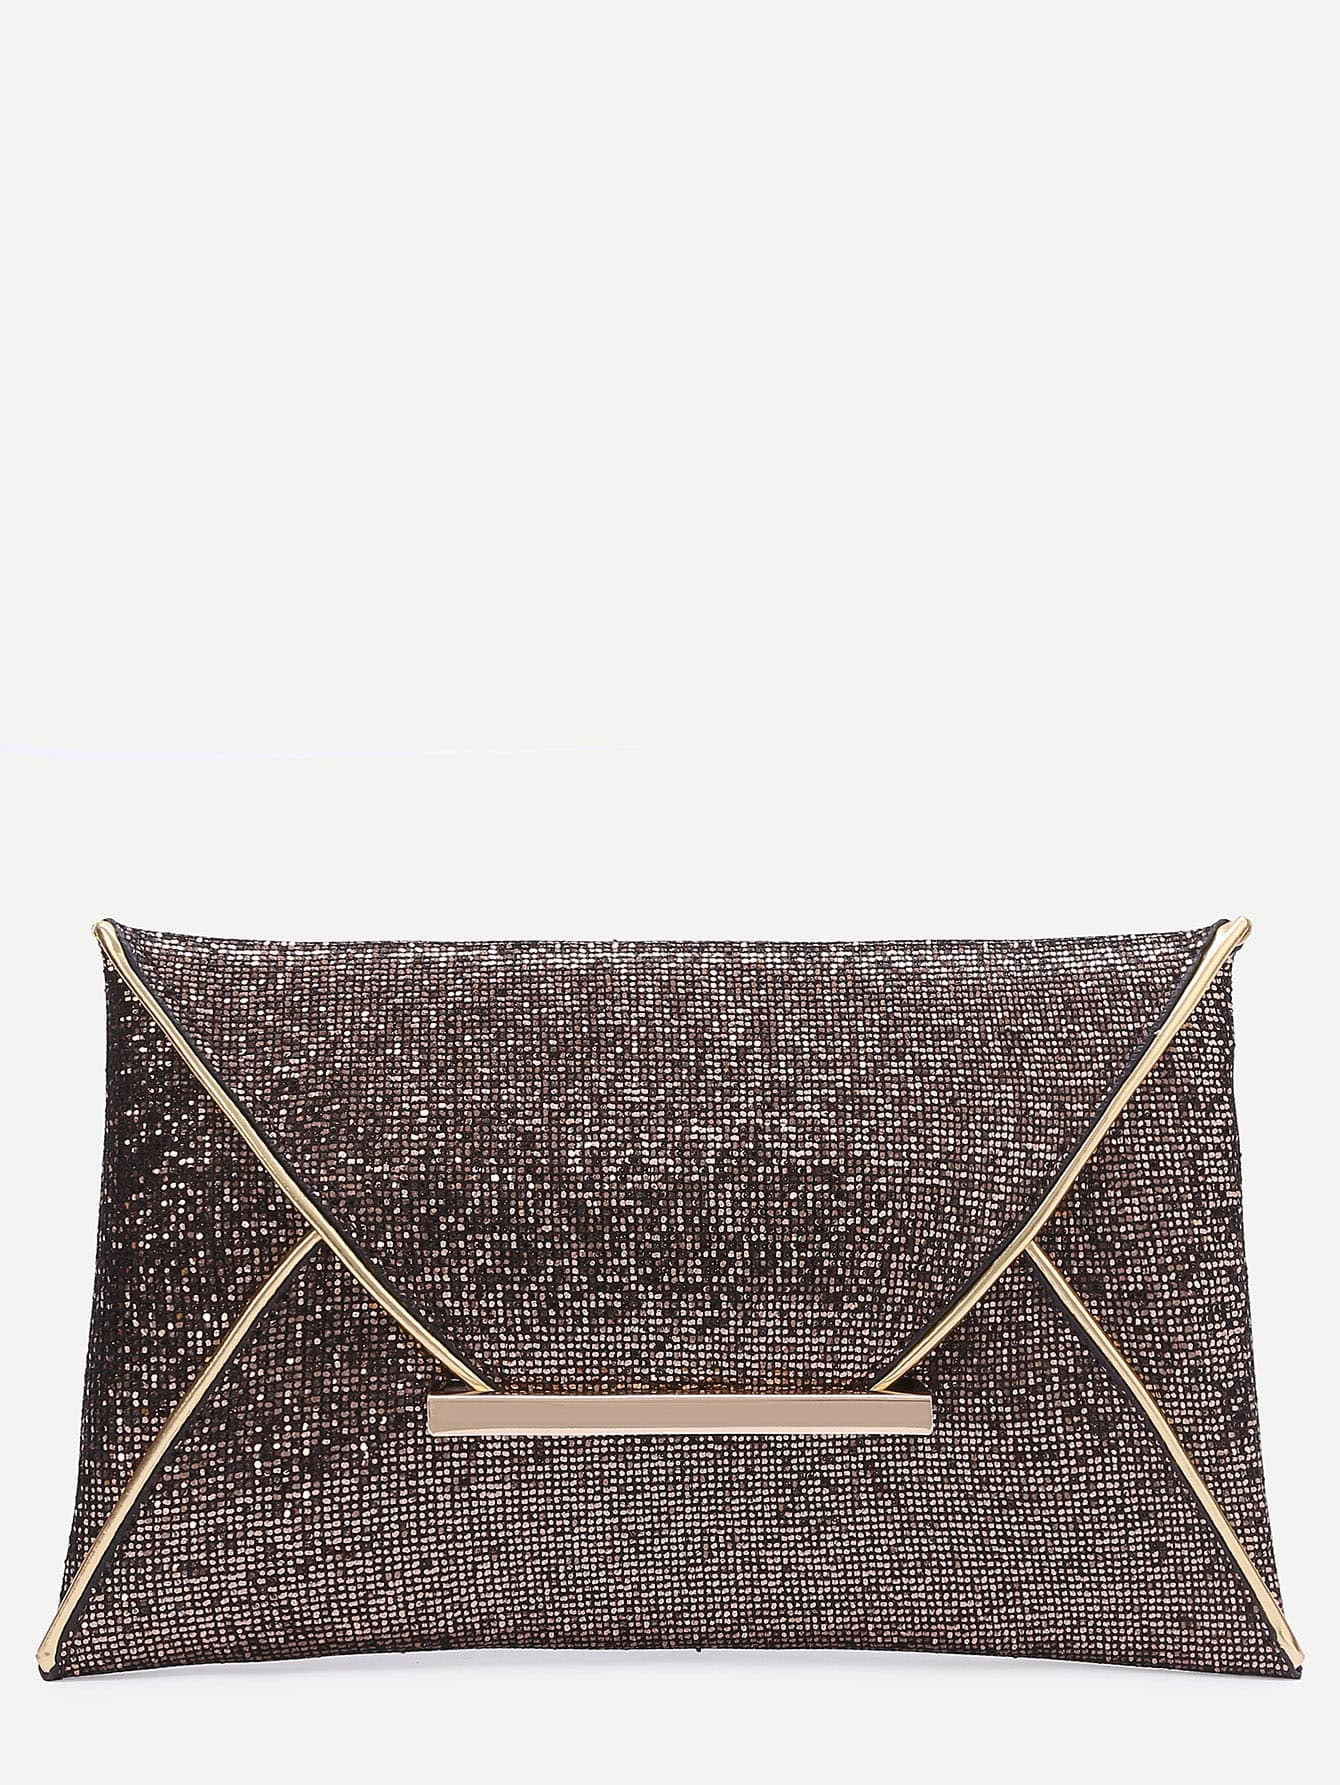 Glitter Contrast Trim Envelope Clutch Bag transparent envelope clutch bag